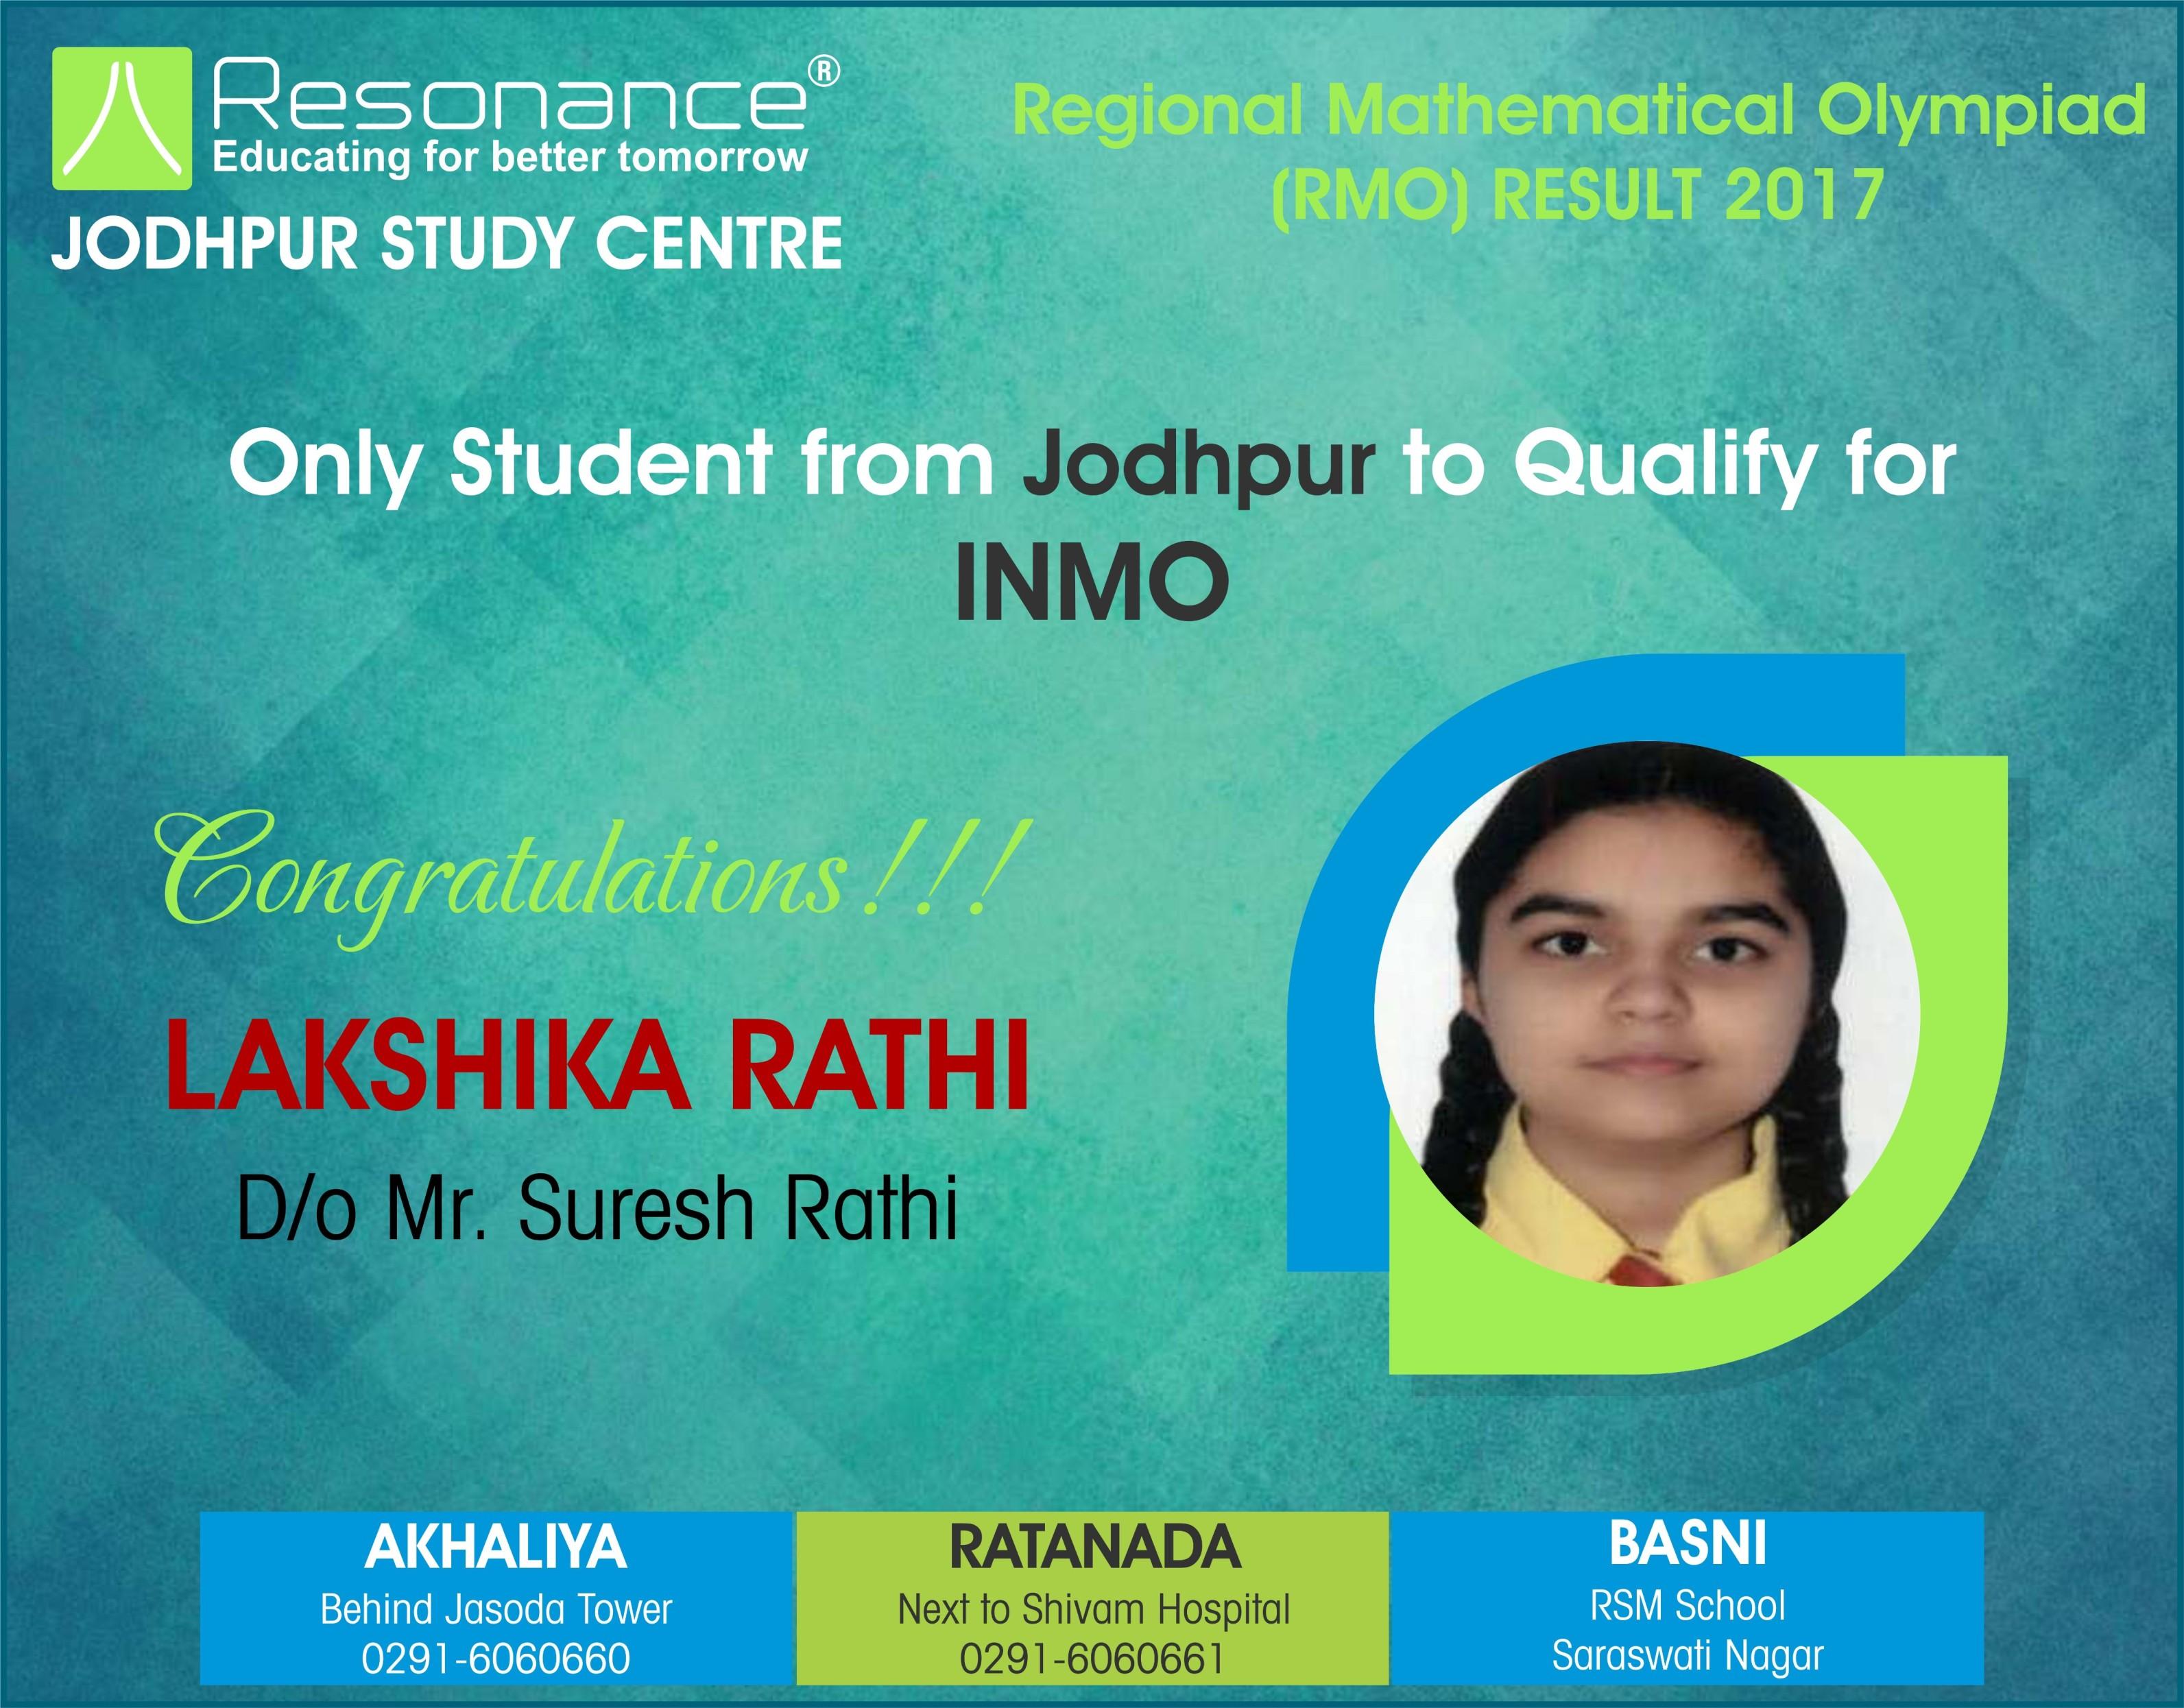 Regional Mathematical Olympiad (RMO) Result 2017